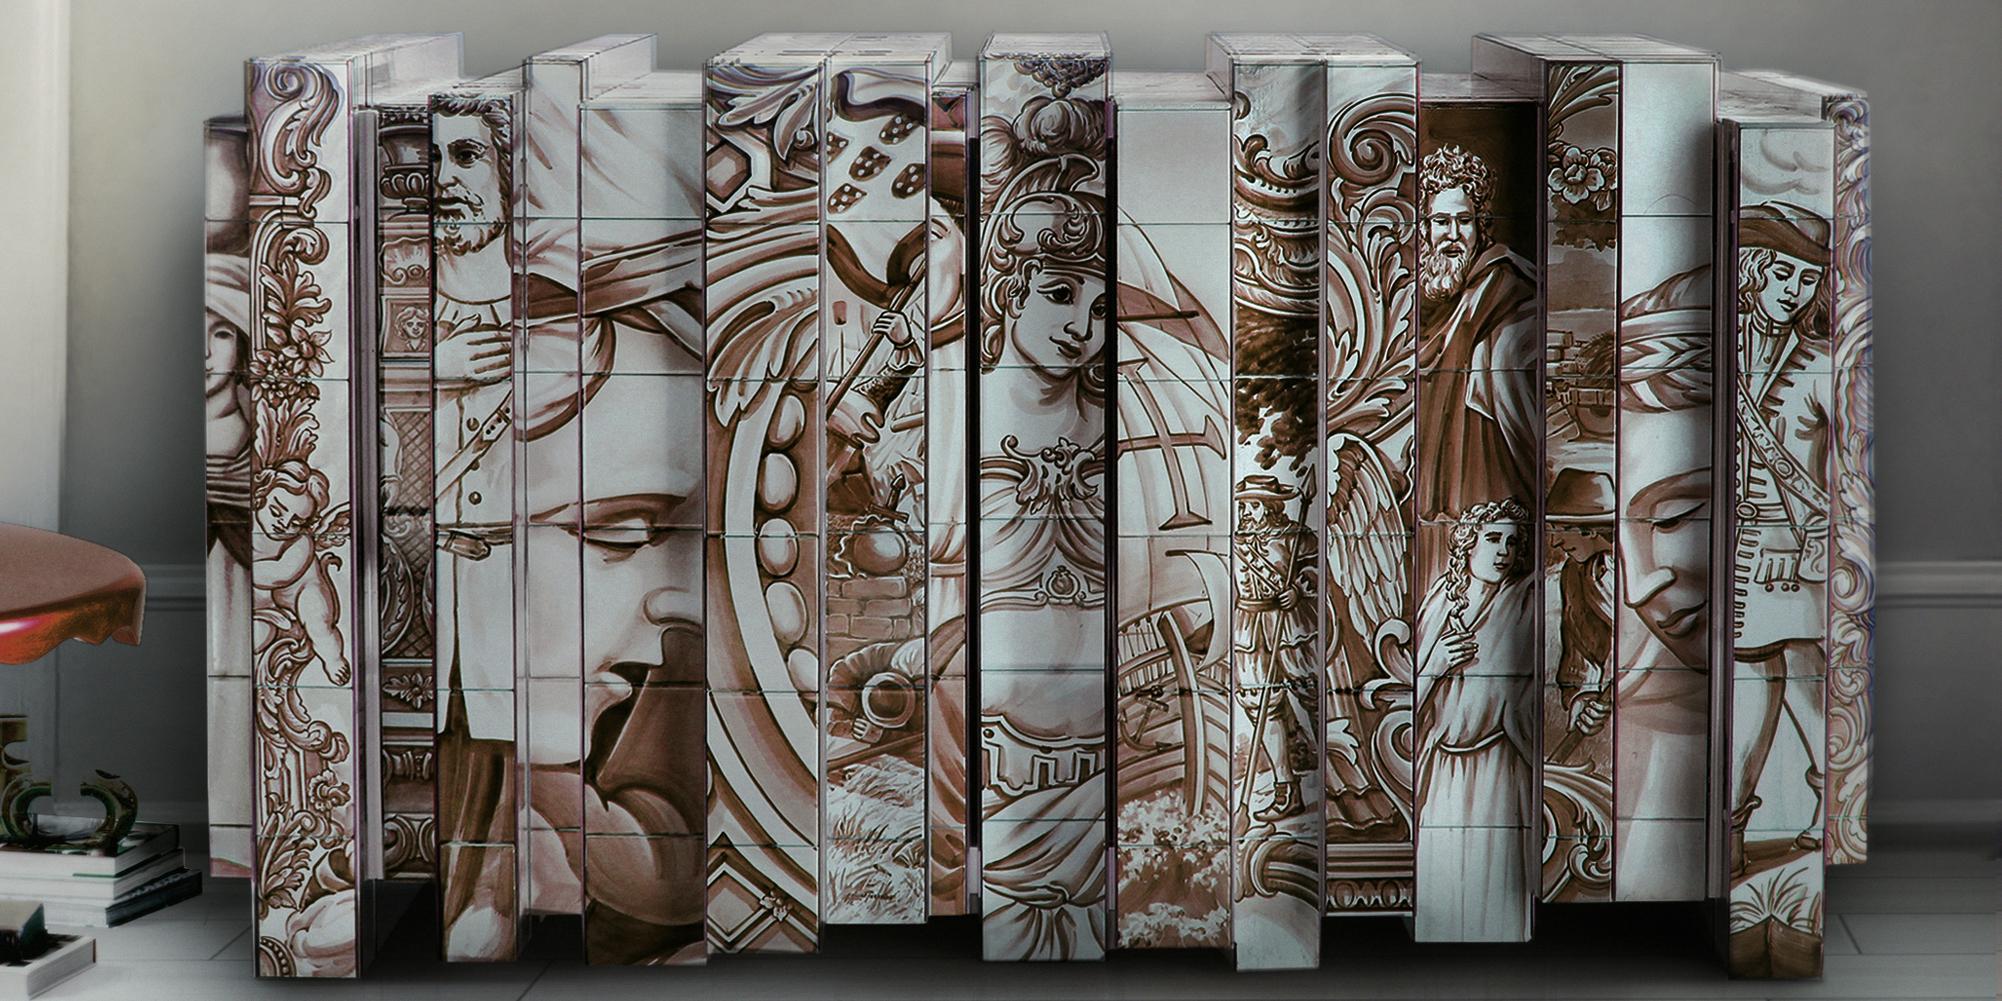 muebles de estilo contemporáneo Conoce Heritage, una Colección de Muebles de Estilo Contemporáneo heritage sepia sideboard 02